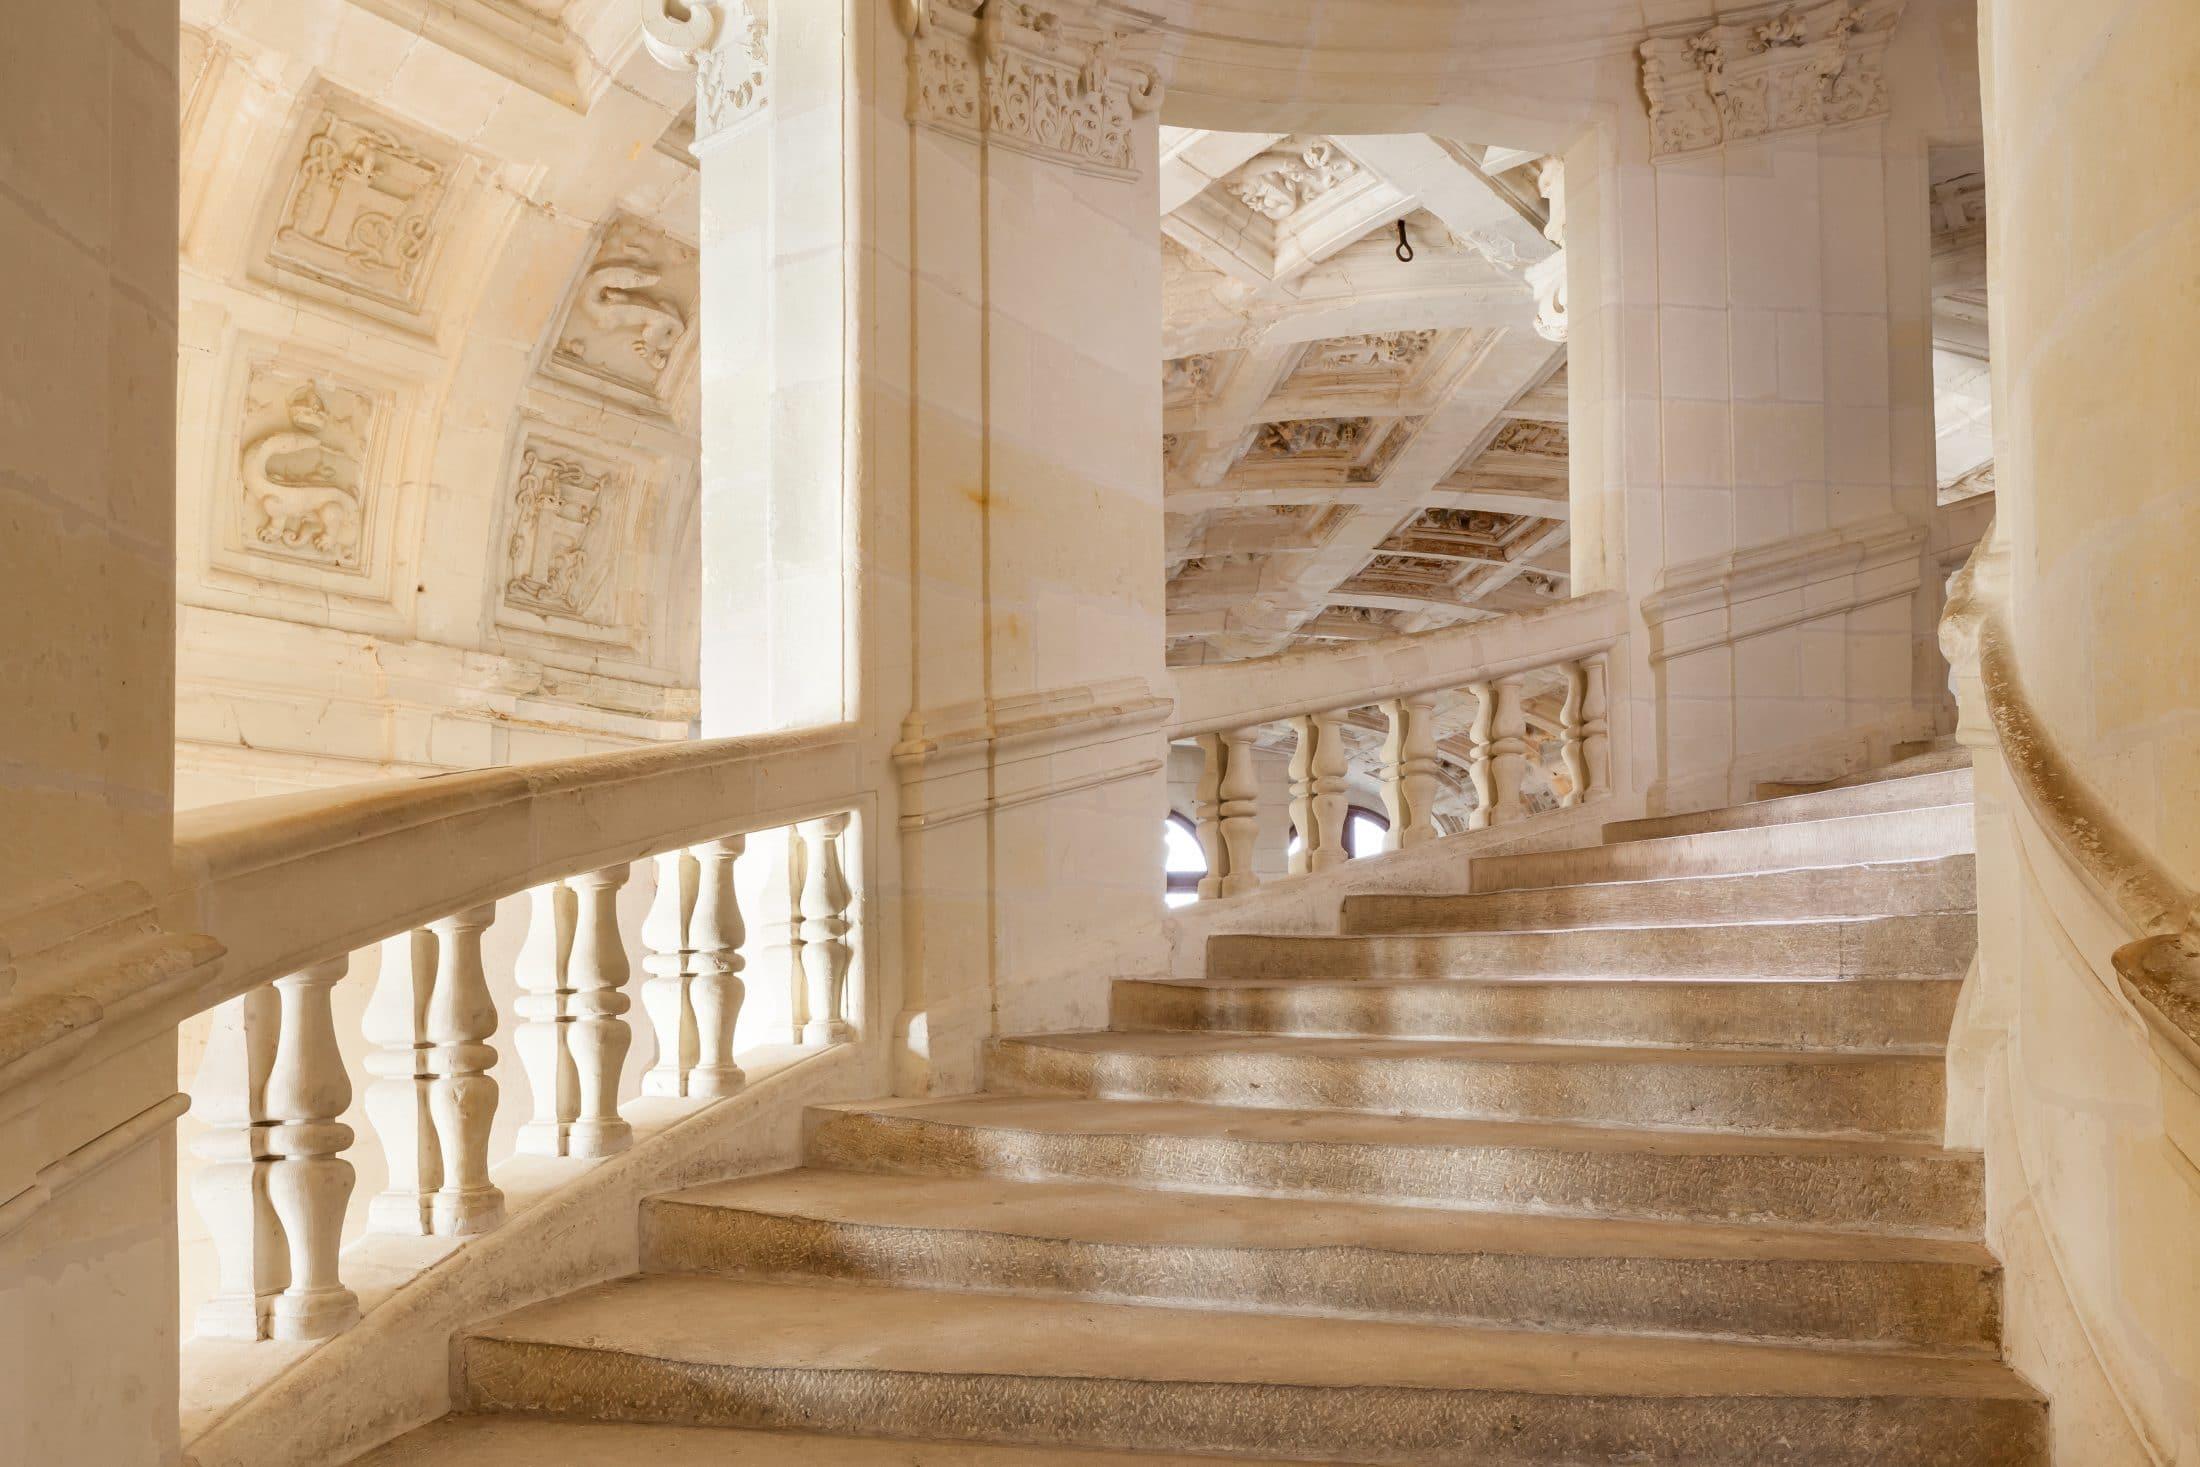 фото лестницы замка шамбор было